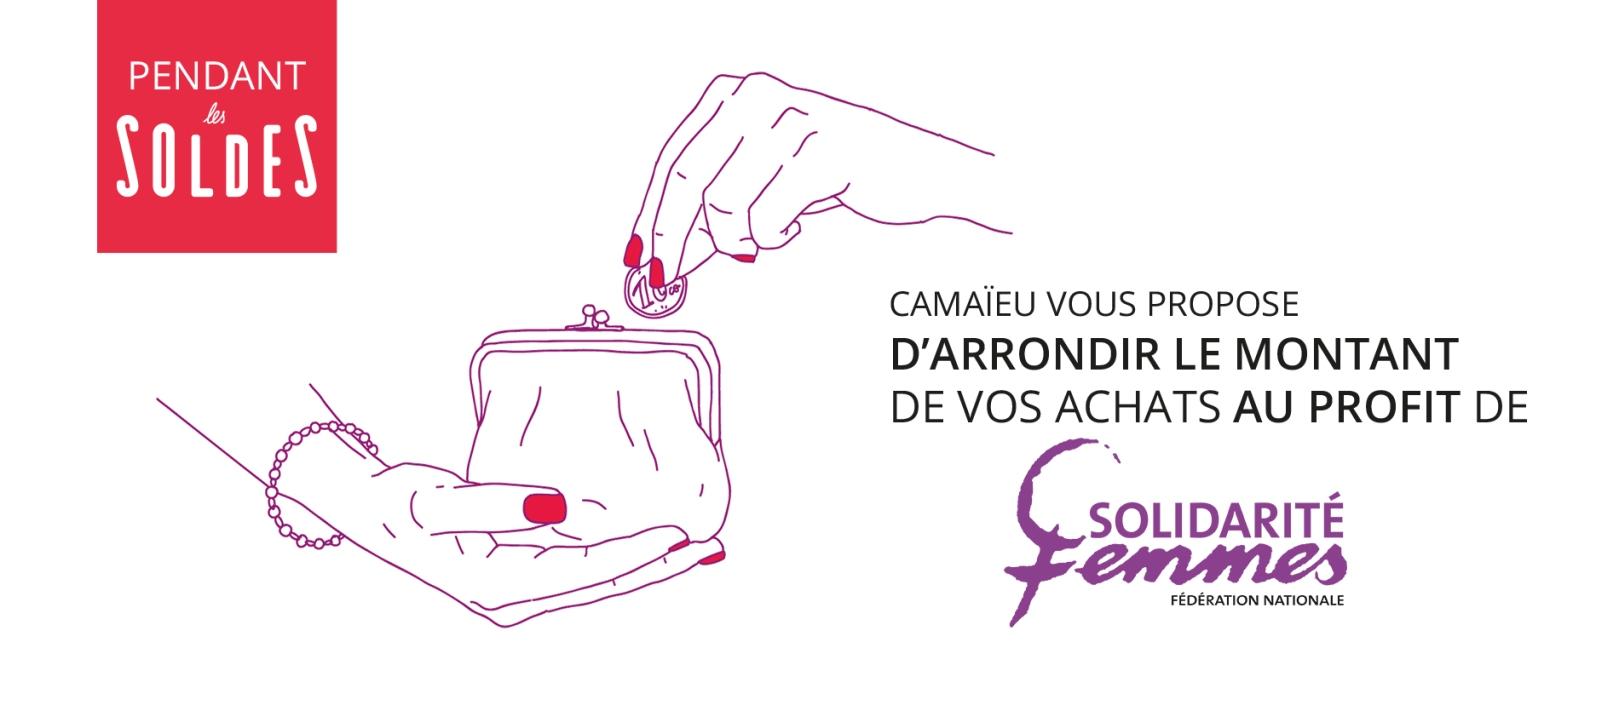 6a4772dfde1a Une nouvelle action de solidarité durant les soldes avec SOLIDARITE FEMMES  - webzine Camaïeu